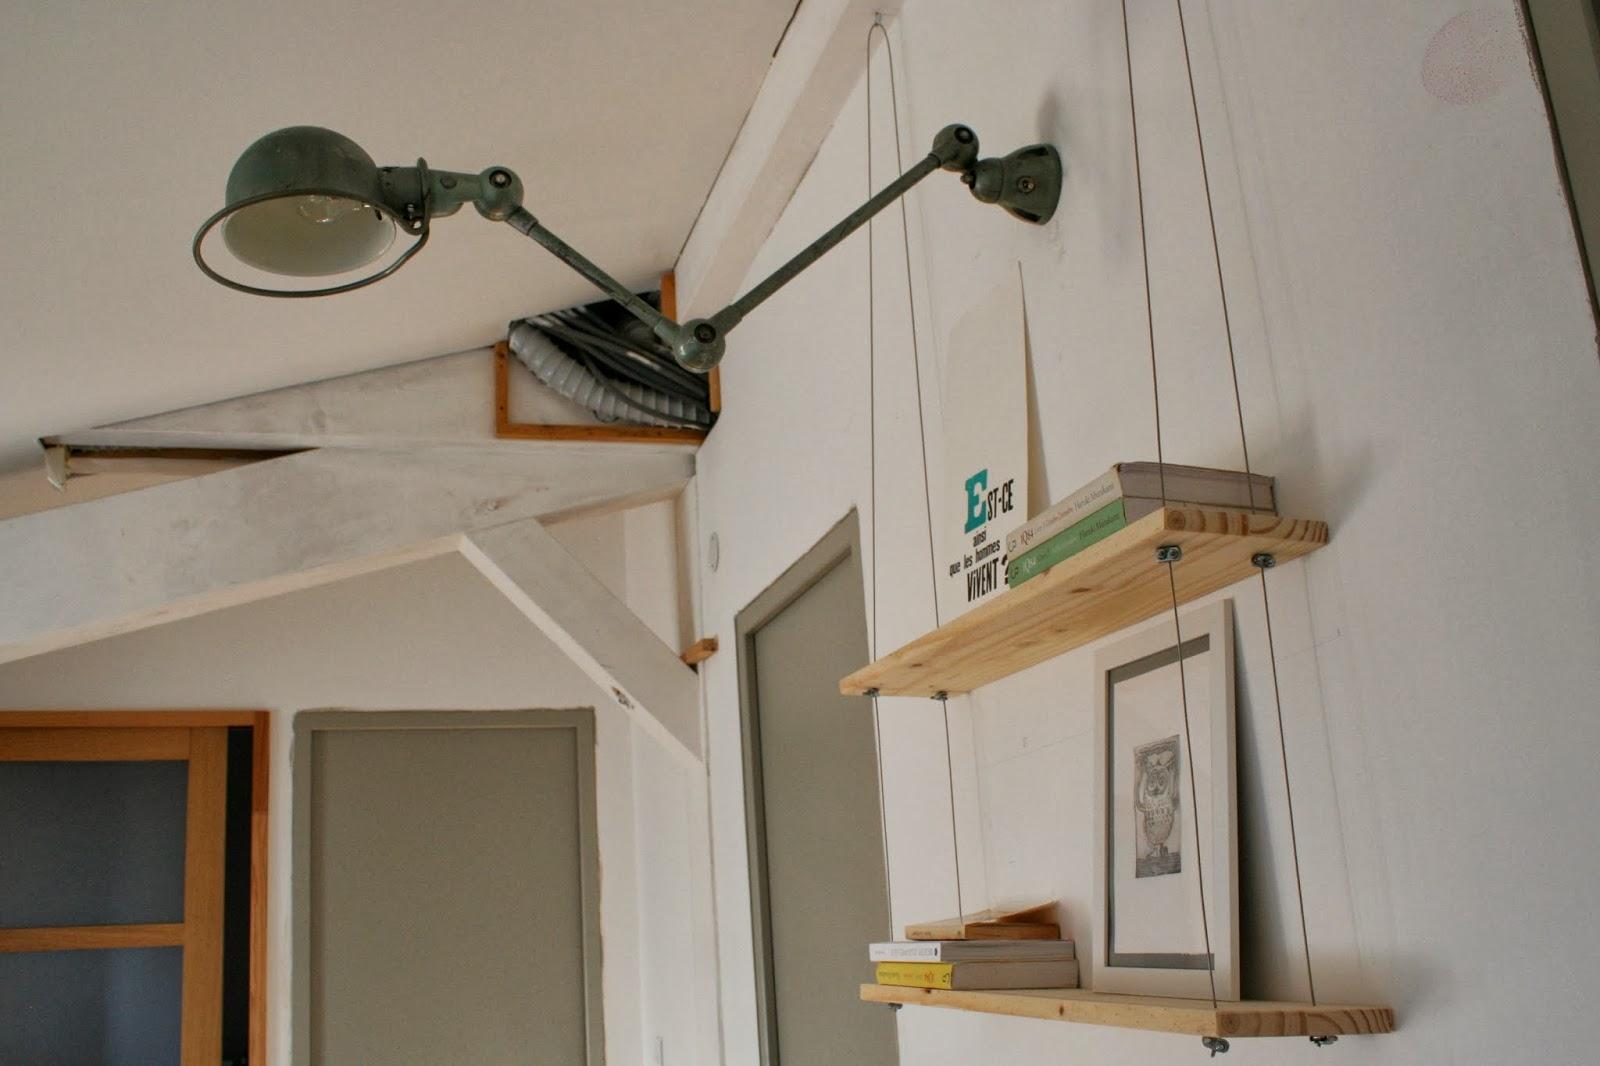 bazarette l 39 tag re et les moutons. Black Bedroom Furniture Sets. Home Design Ideas